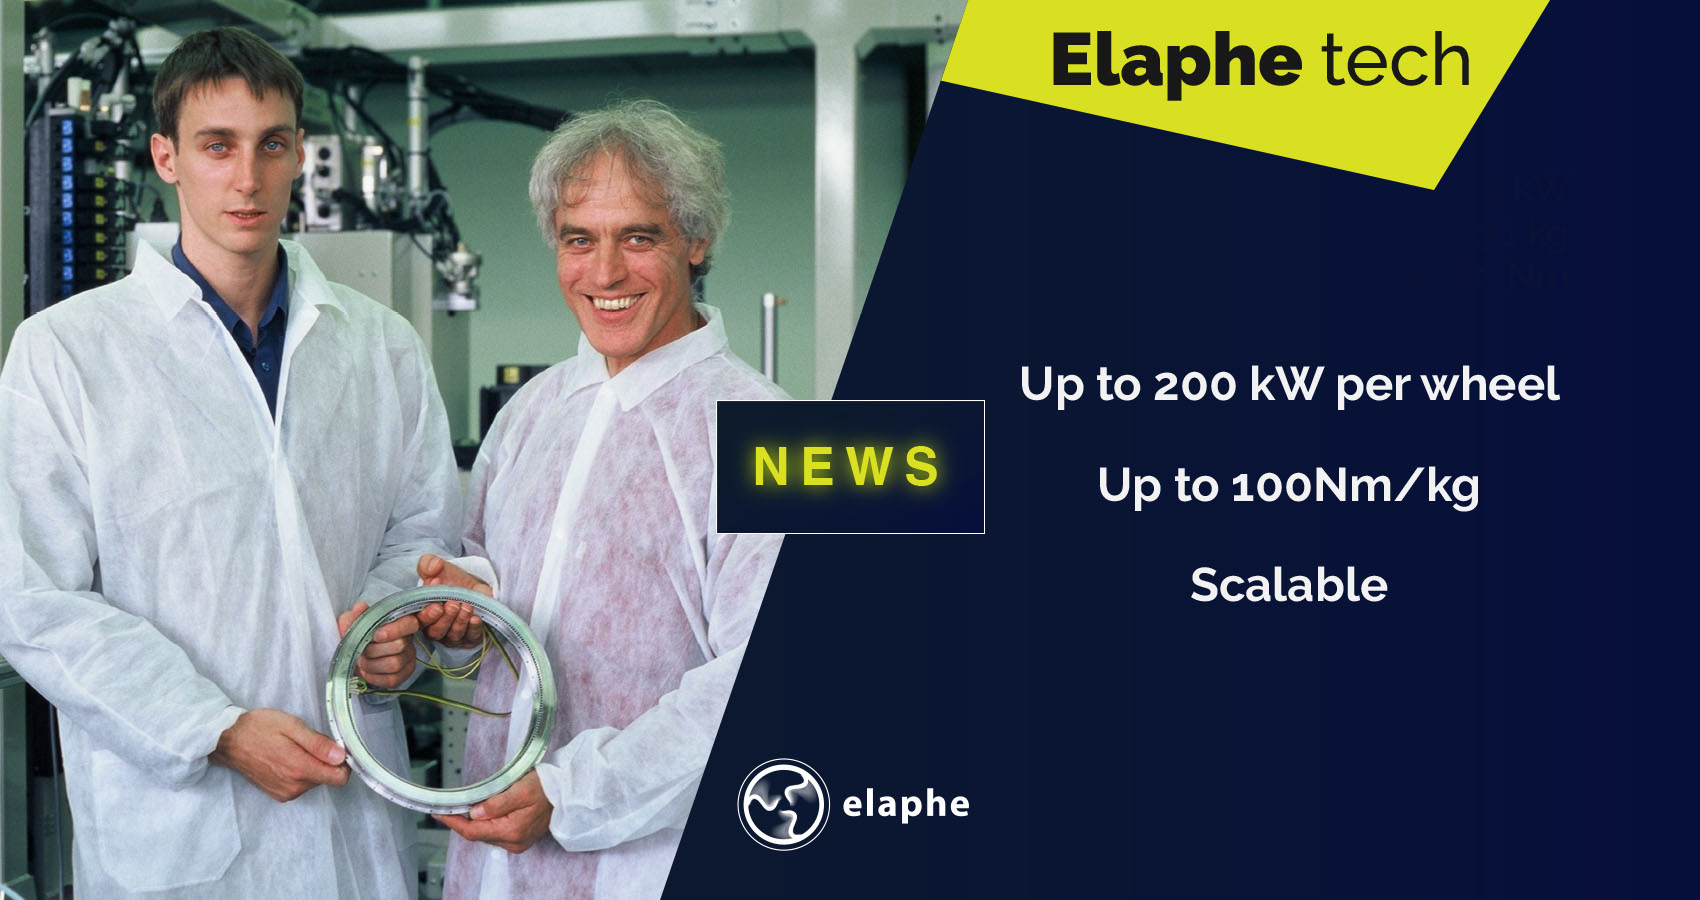 Elaphe Technology Innoenergy investment in-wheel motor